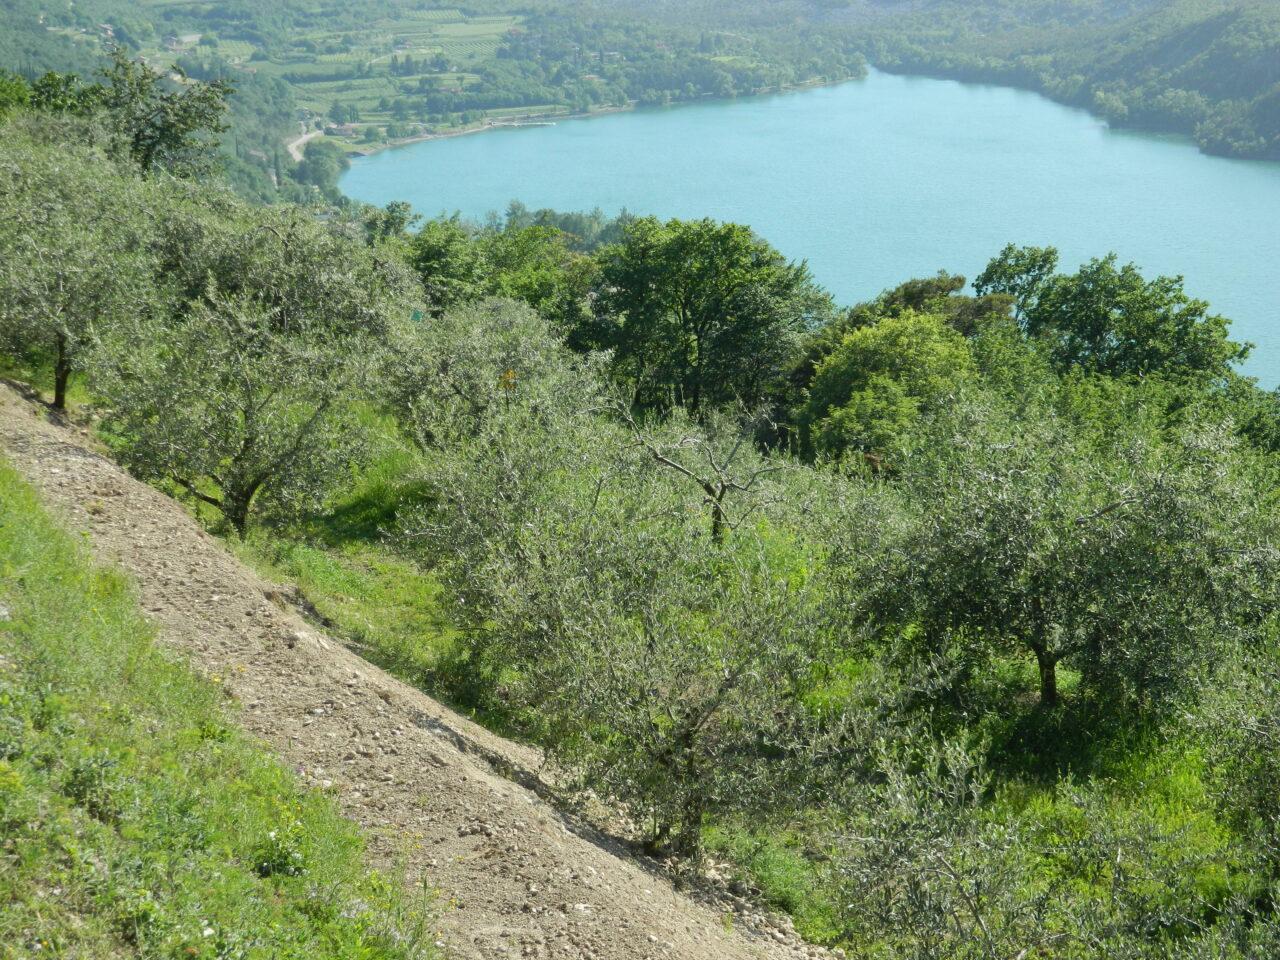 La campagna a monte del lago di Cavedine